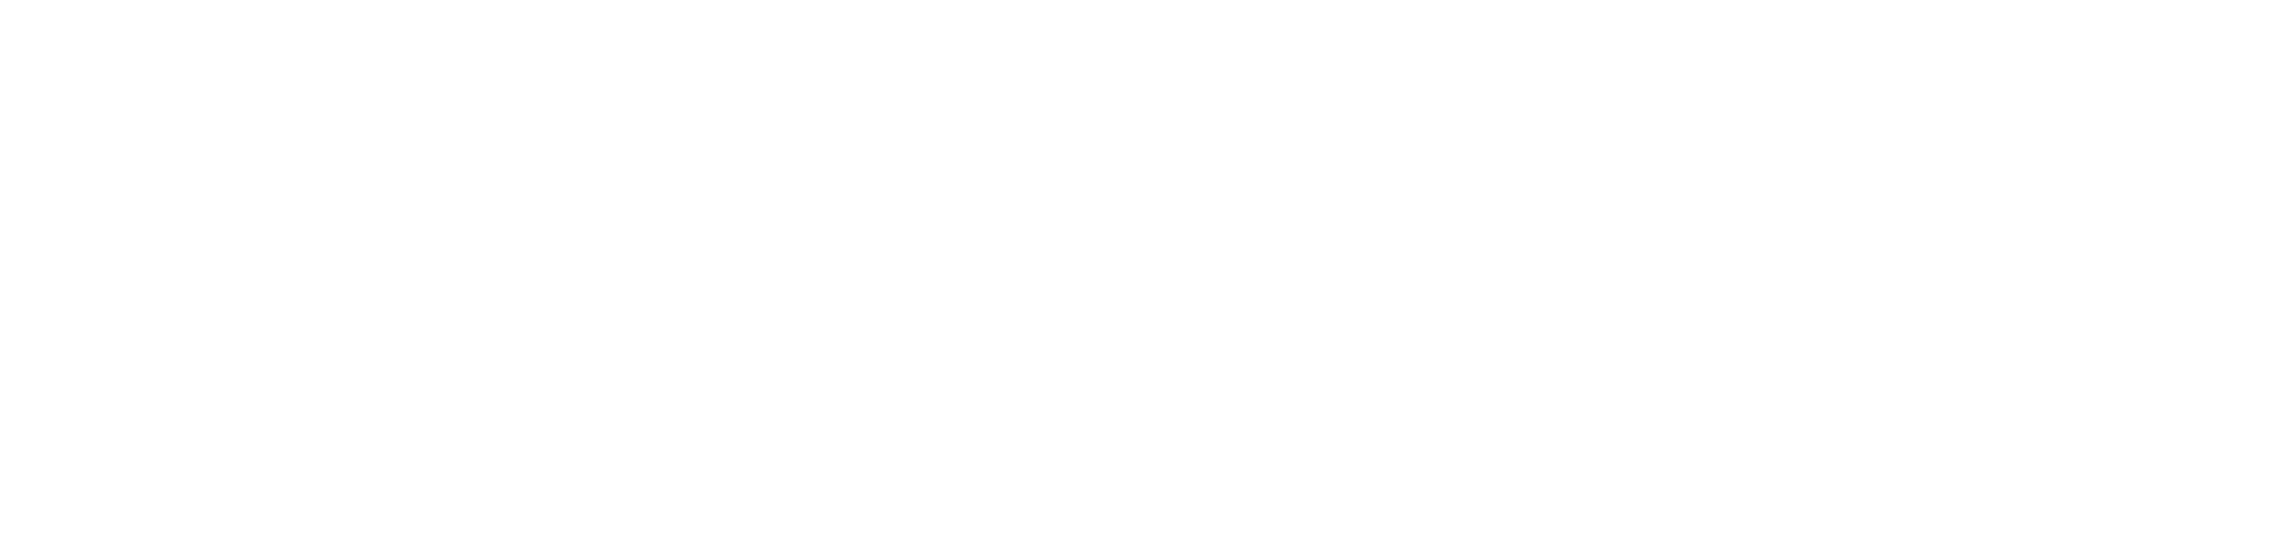 funbooker.com